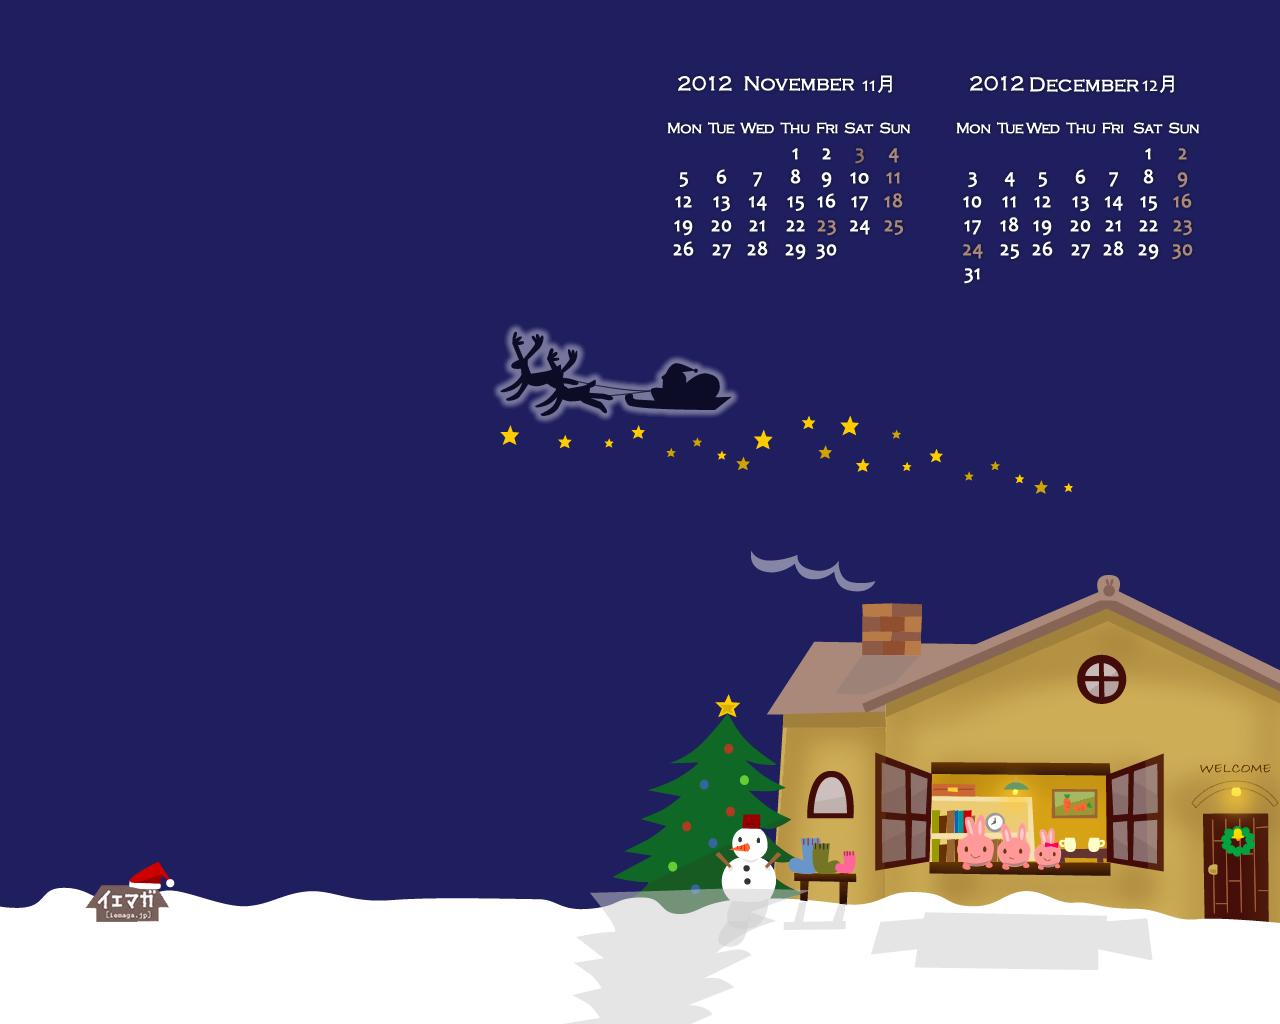 壁紙 カレンダー ダウンロード クリスマス パープル 壁紙 カレンダー付き 12年11月 12月 1280 1024